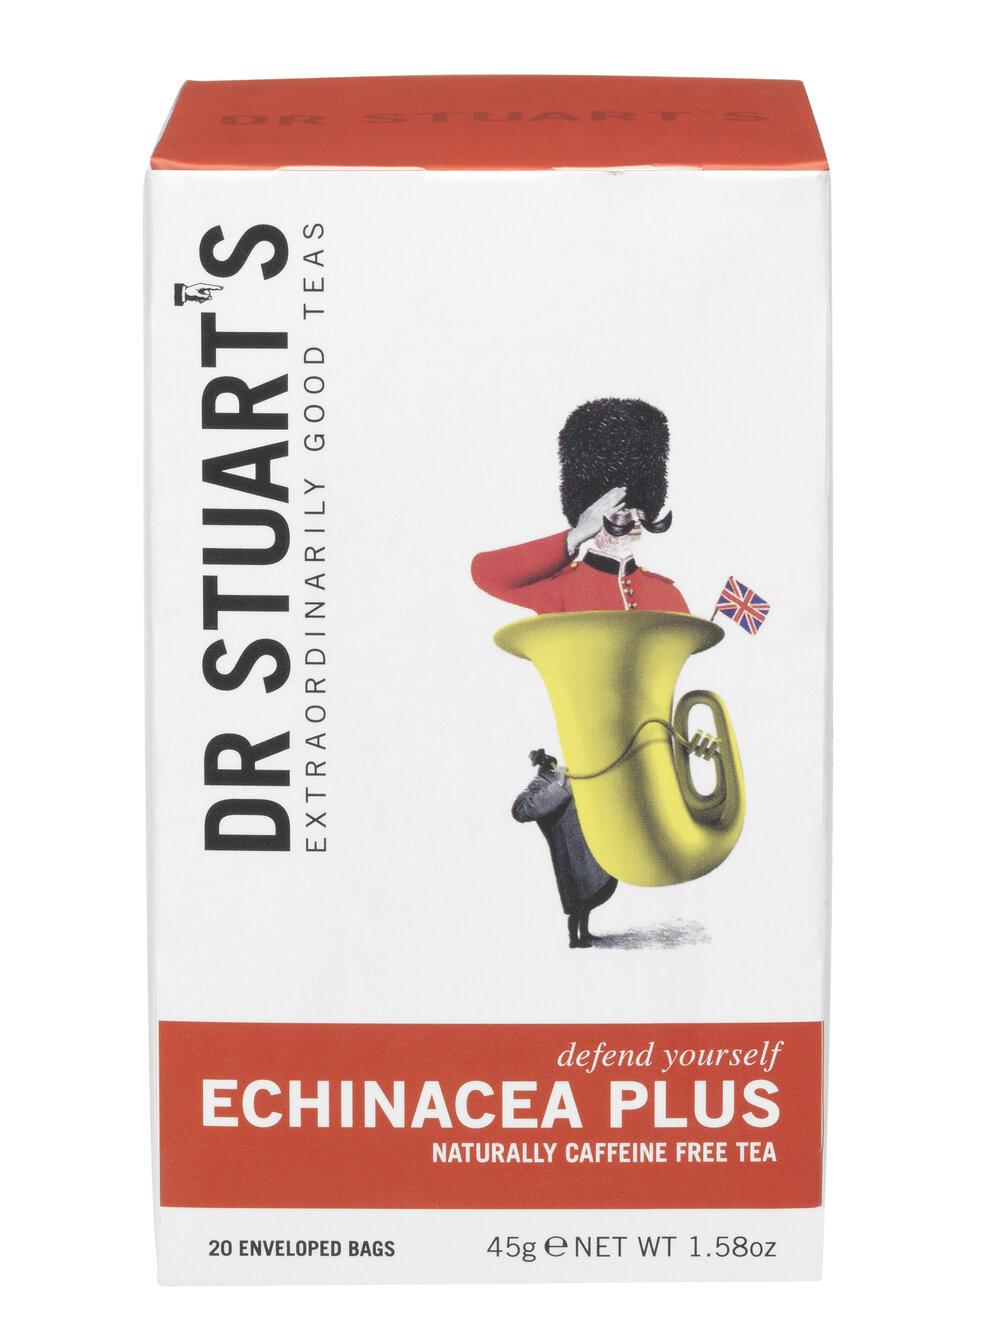 Echinacea Plus 20 Enveloped Bags